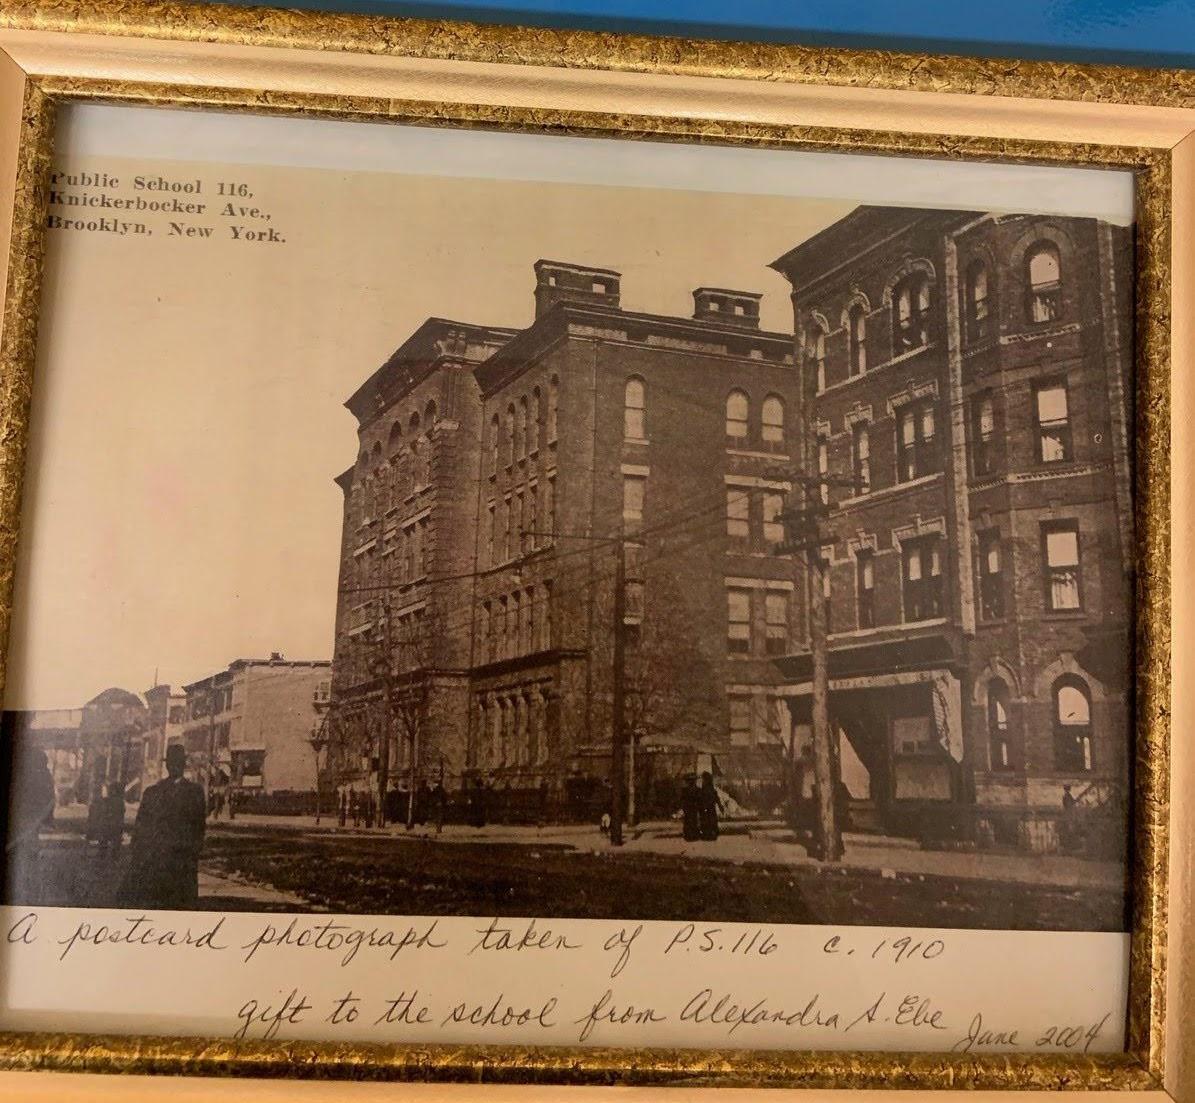 Pic of School taken in 1910